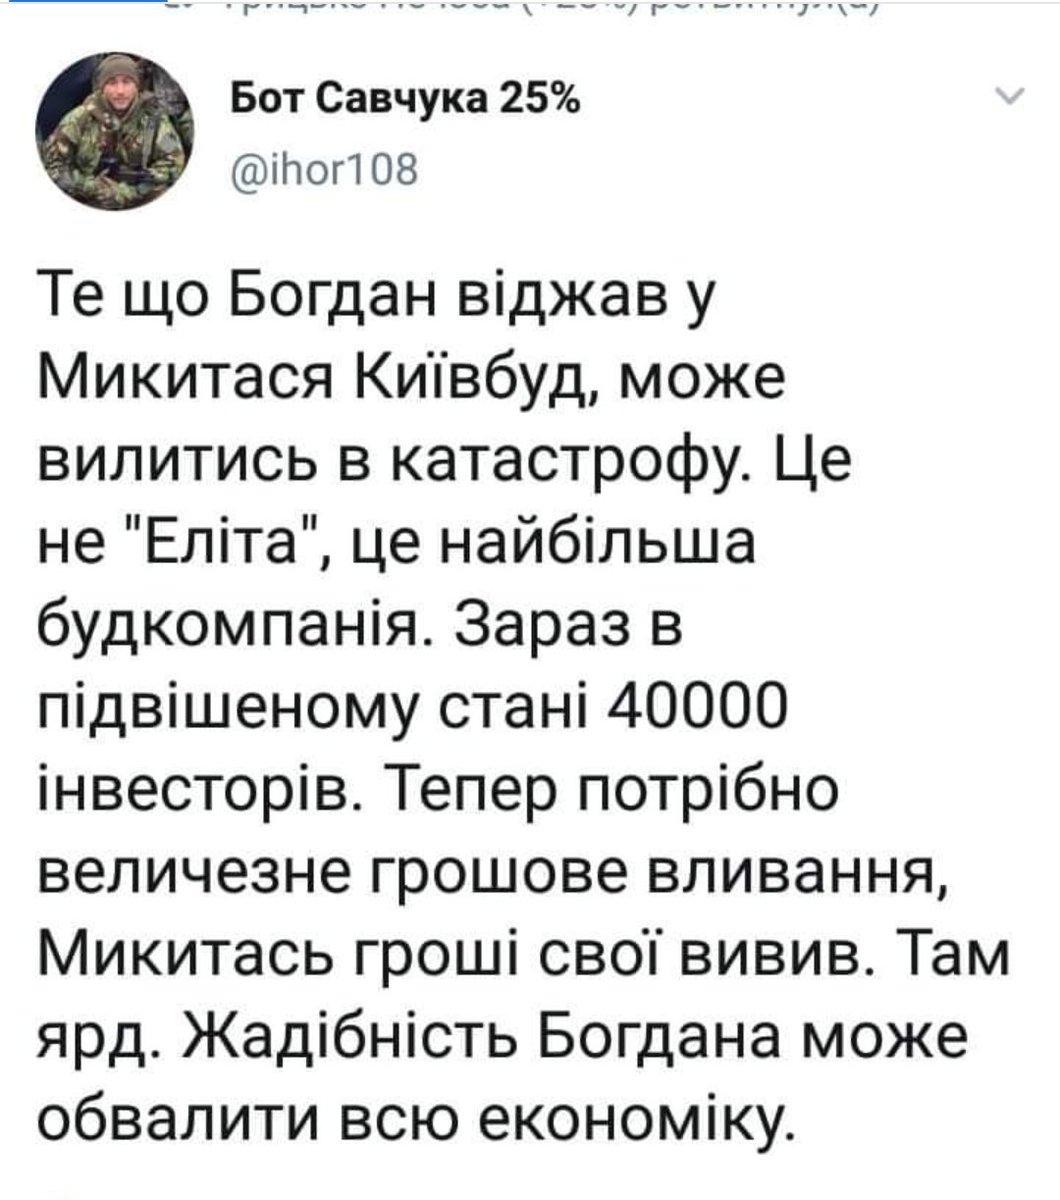 Кабмин подаст в Раду изменения в госбюджет для выплаты 1 млрд грн долгов по зарплатам шахтерам, - Гончарук - Цензор.НЕТ 8134